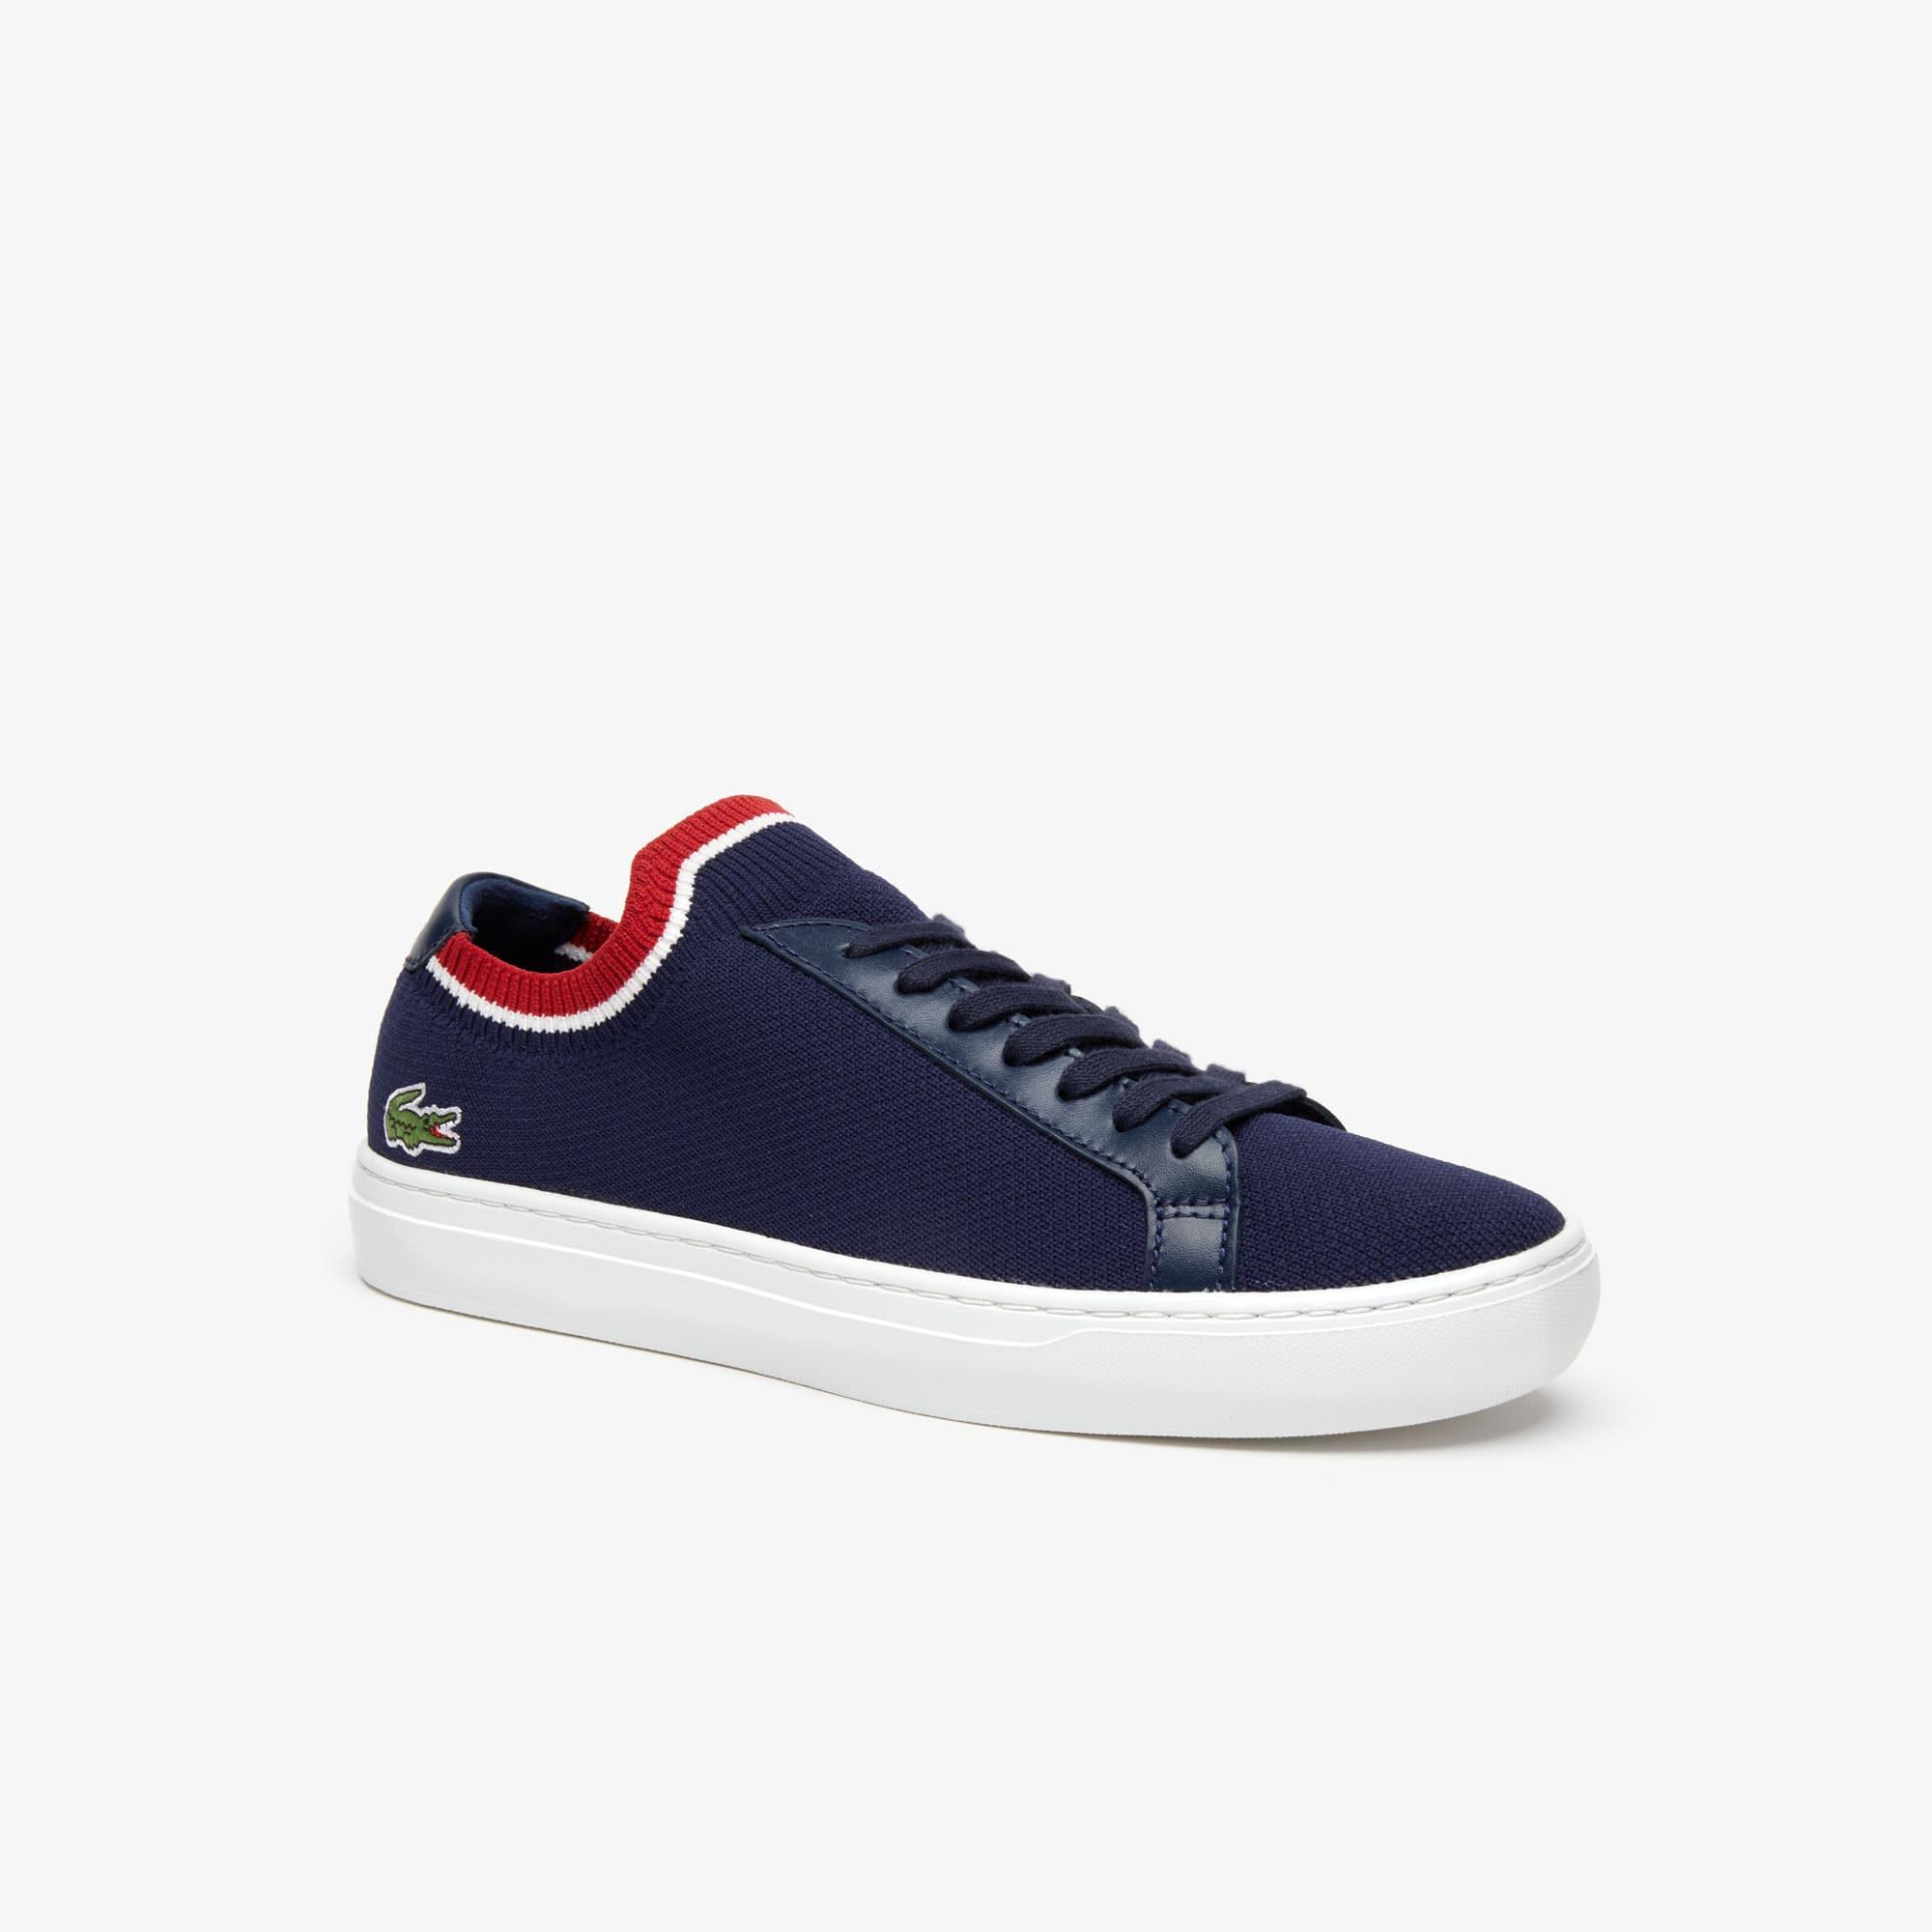 eaf1247f3 Coleção de calçado | Calçado para Homem | LACOSTE